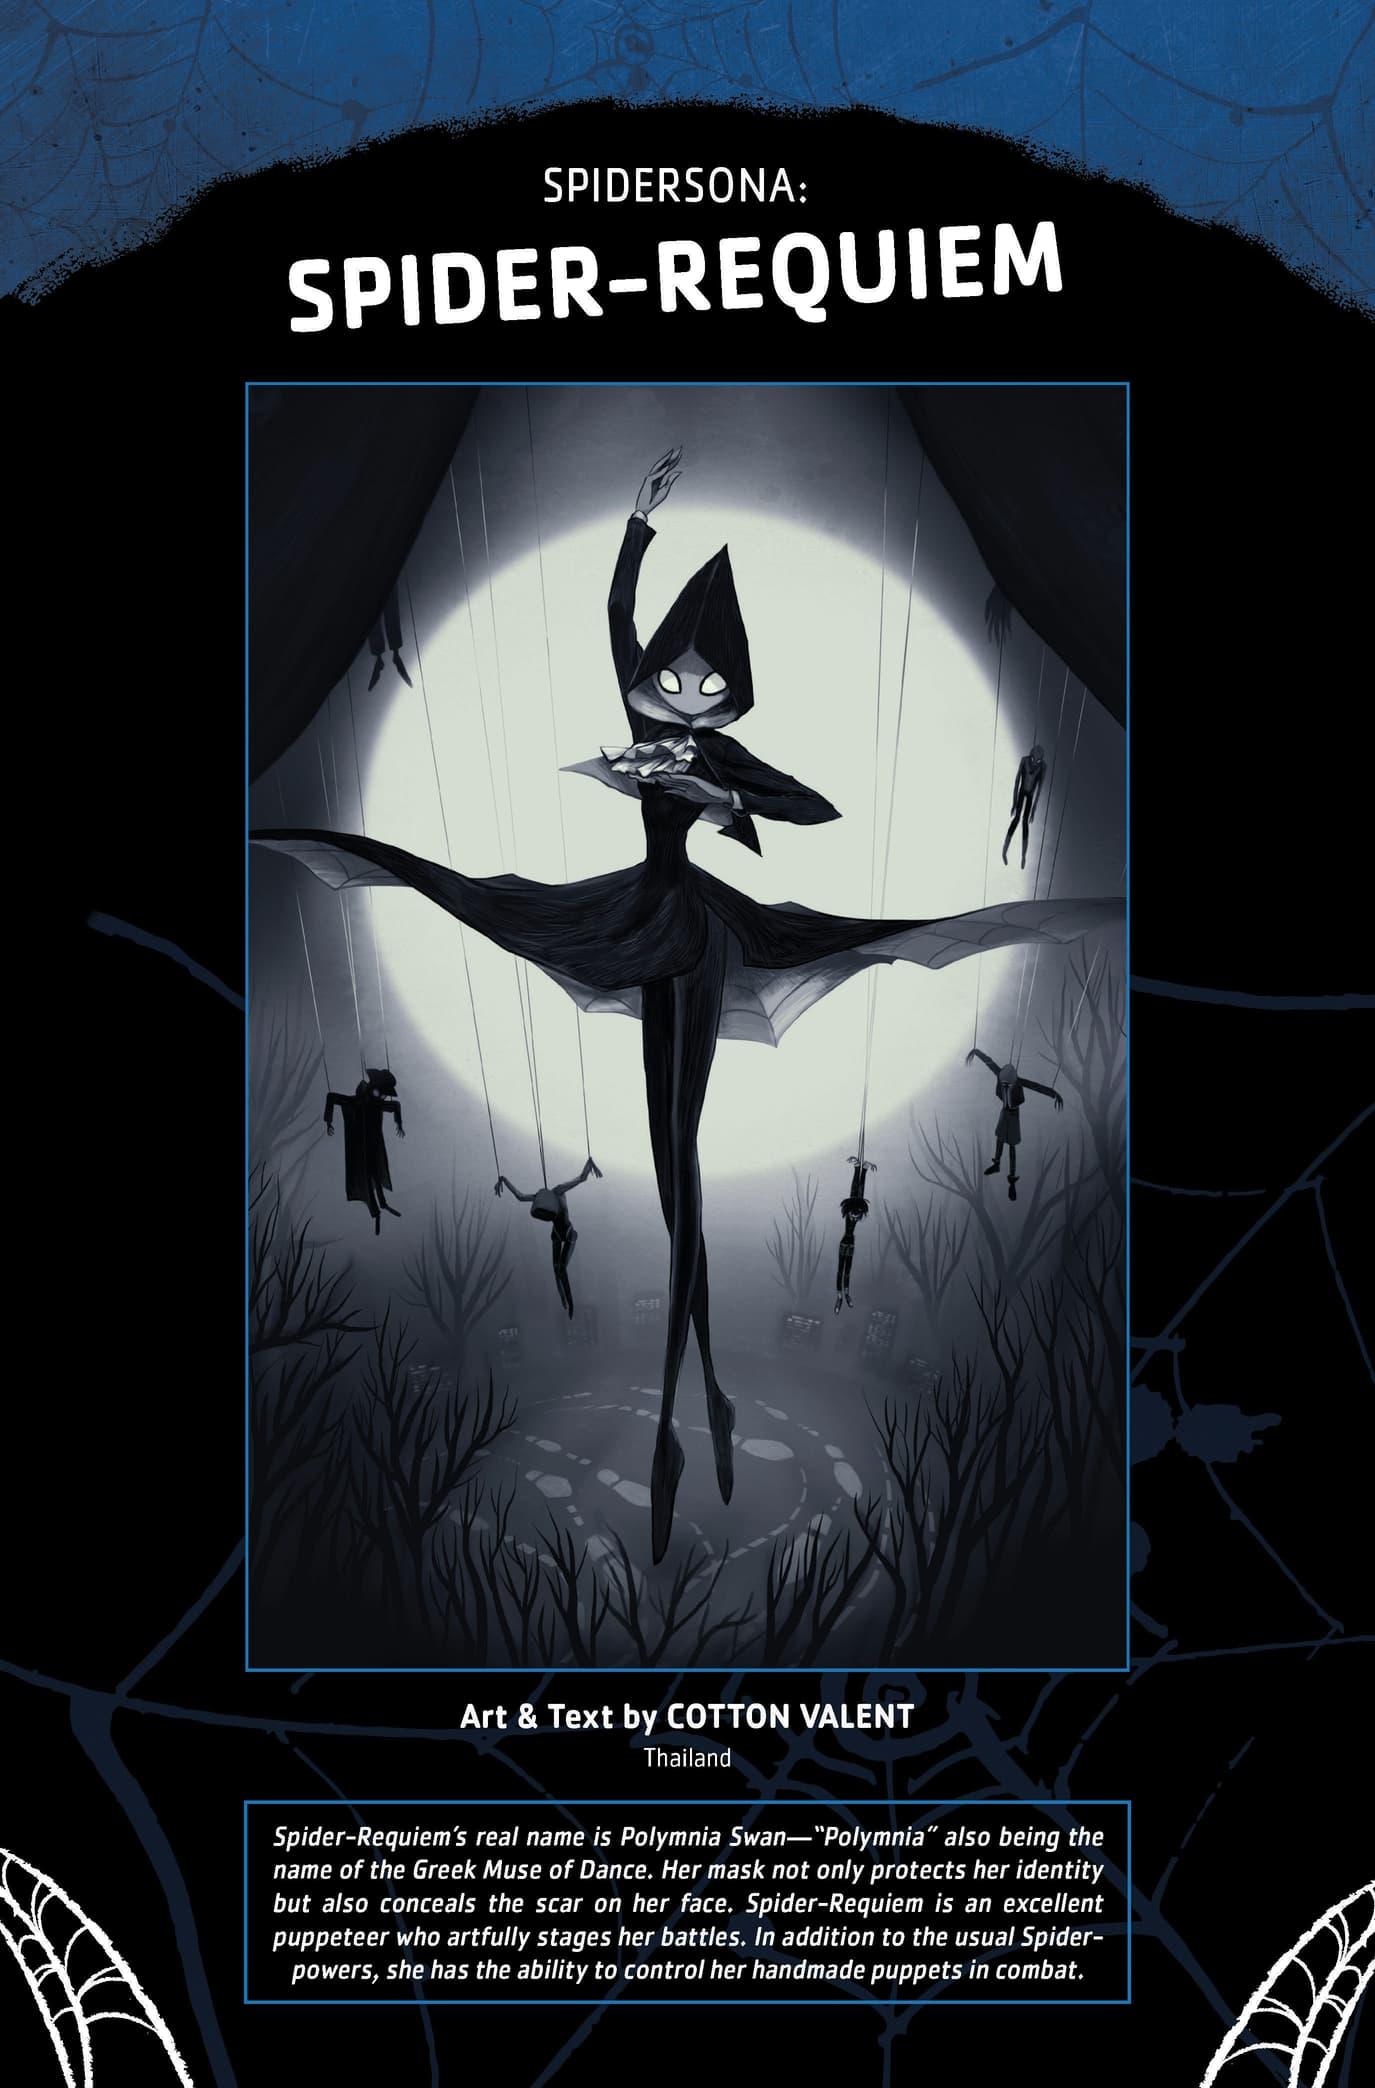 Spidersona Spider-Requiem